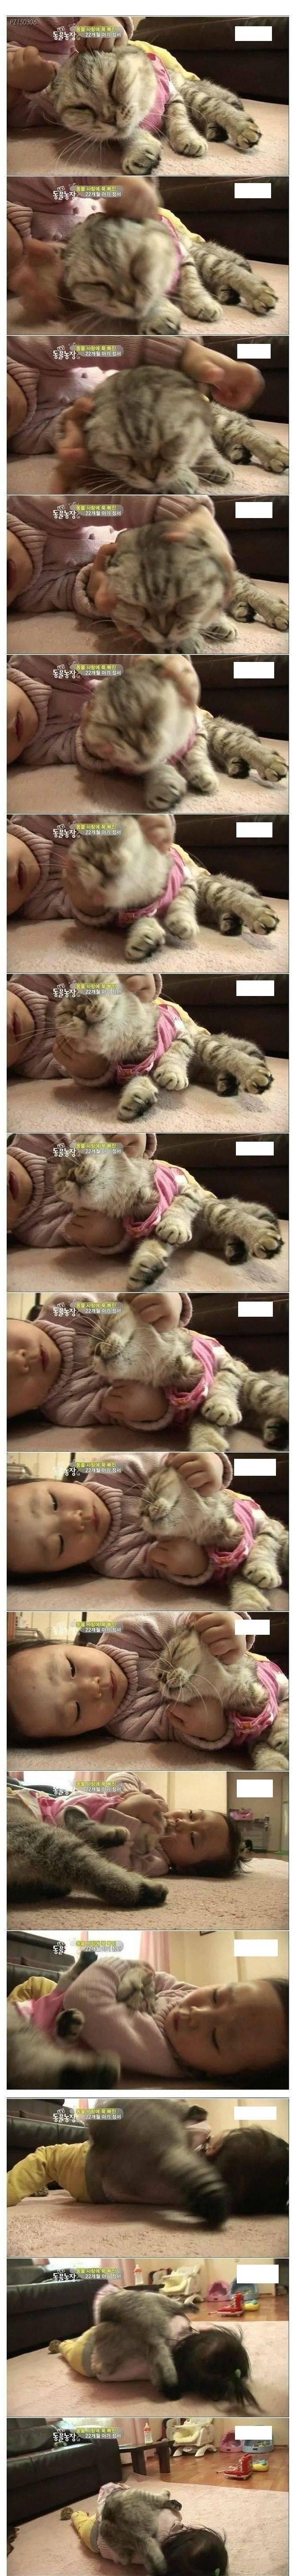 고양이 인터뷰하는 제작진 | 인스티즈